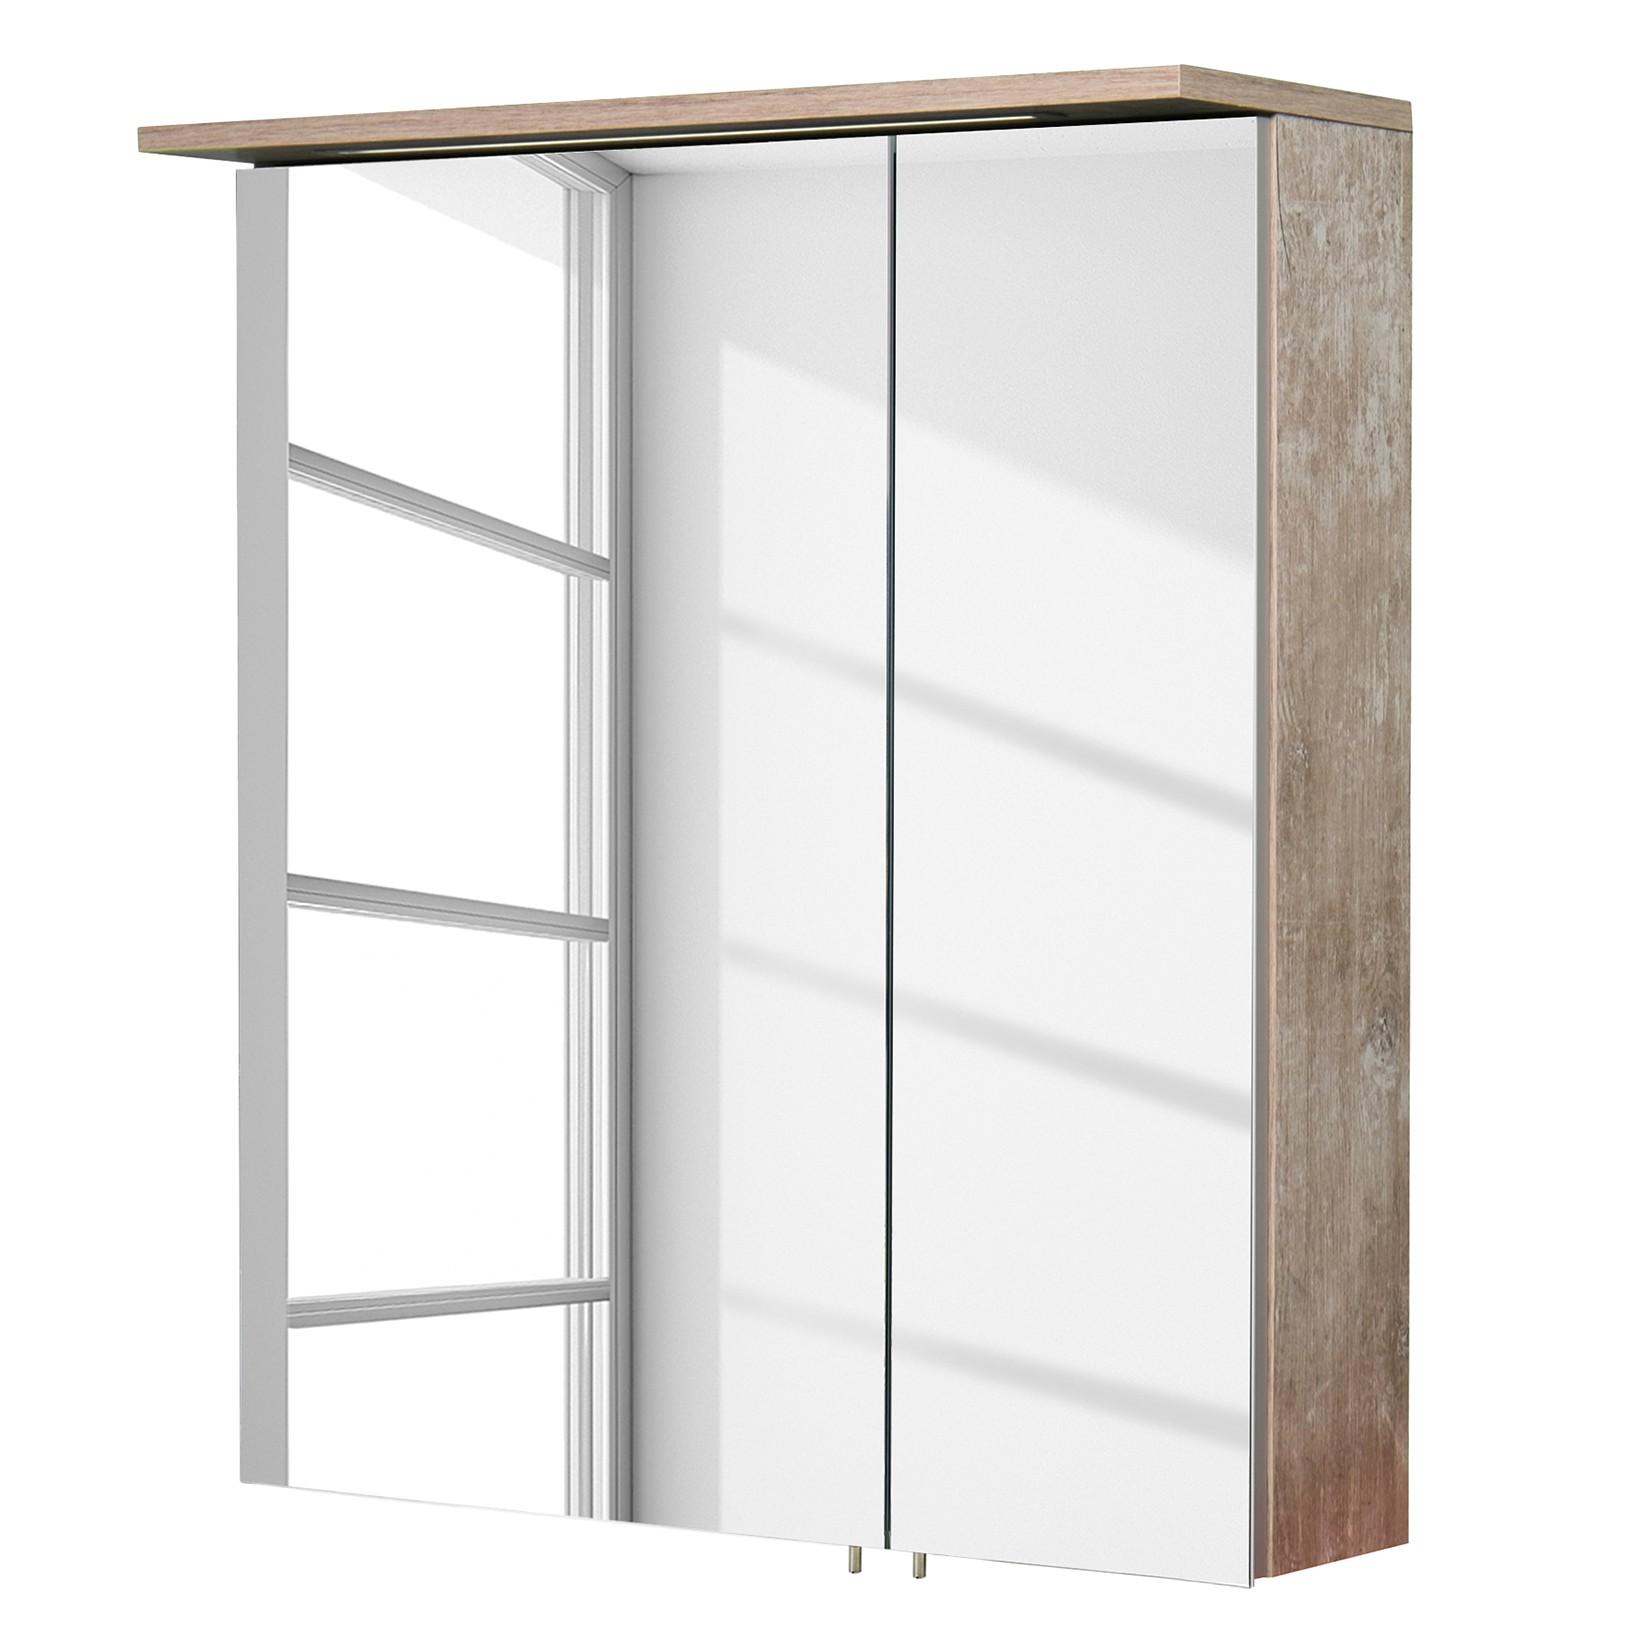 energie  A+_ Spiegelkast Milan inclusief verlichting   Findus eikenhouten look   60cm_ Schildmeyer